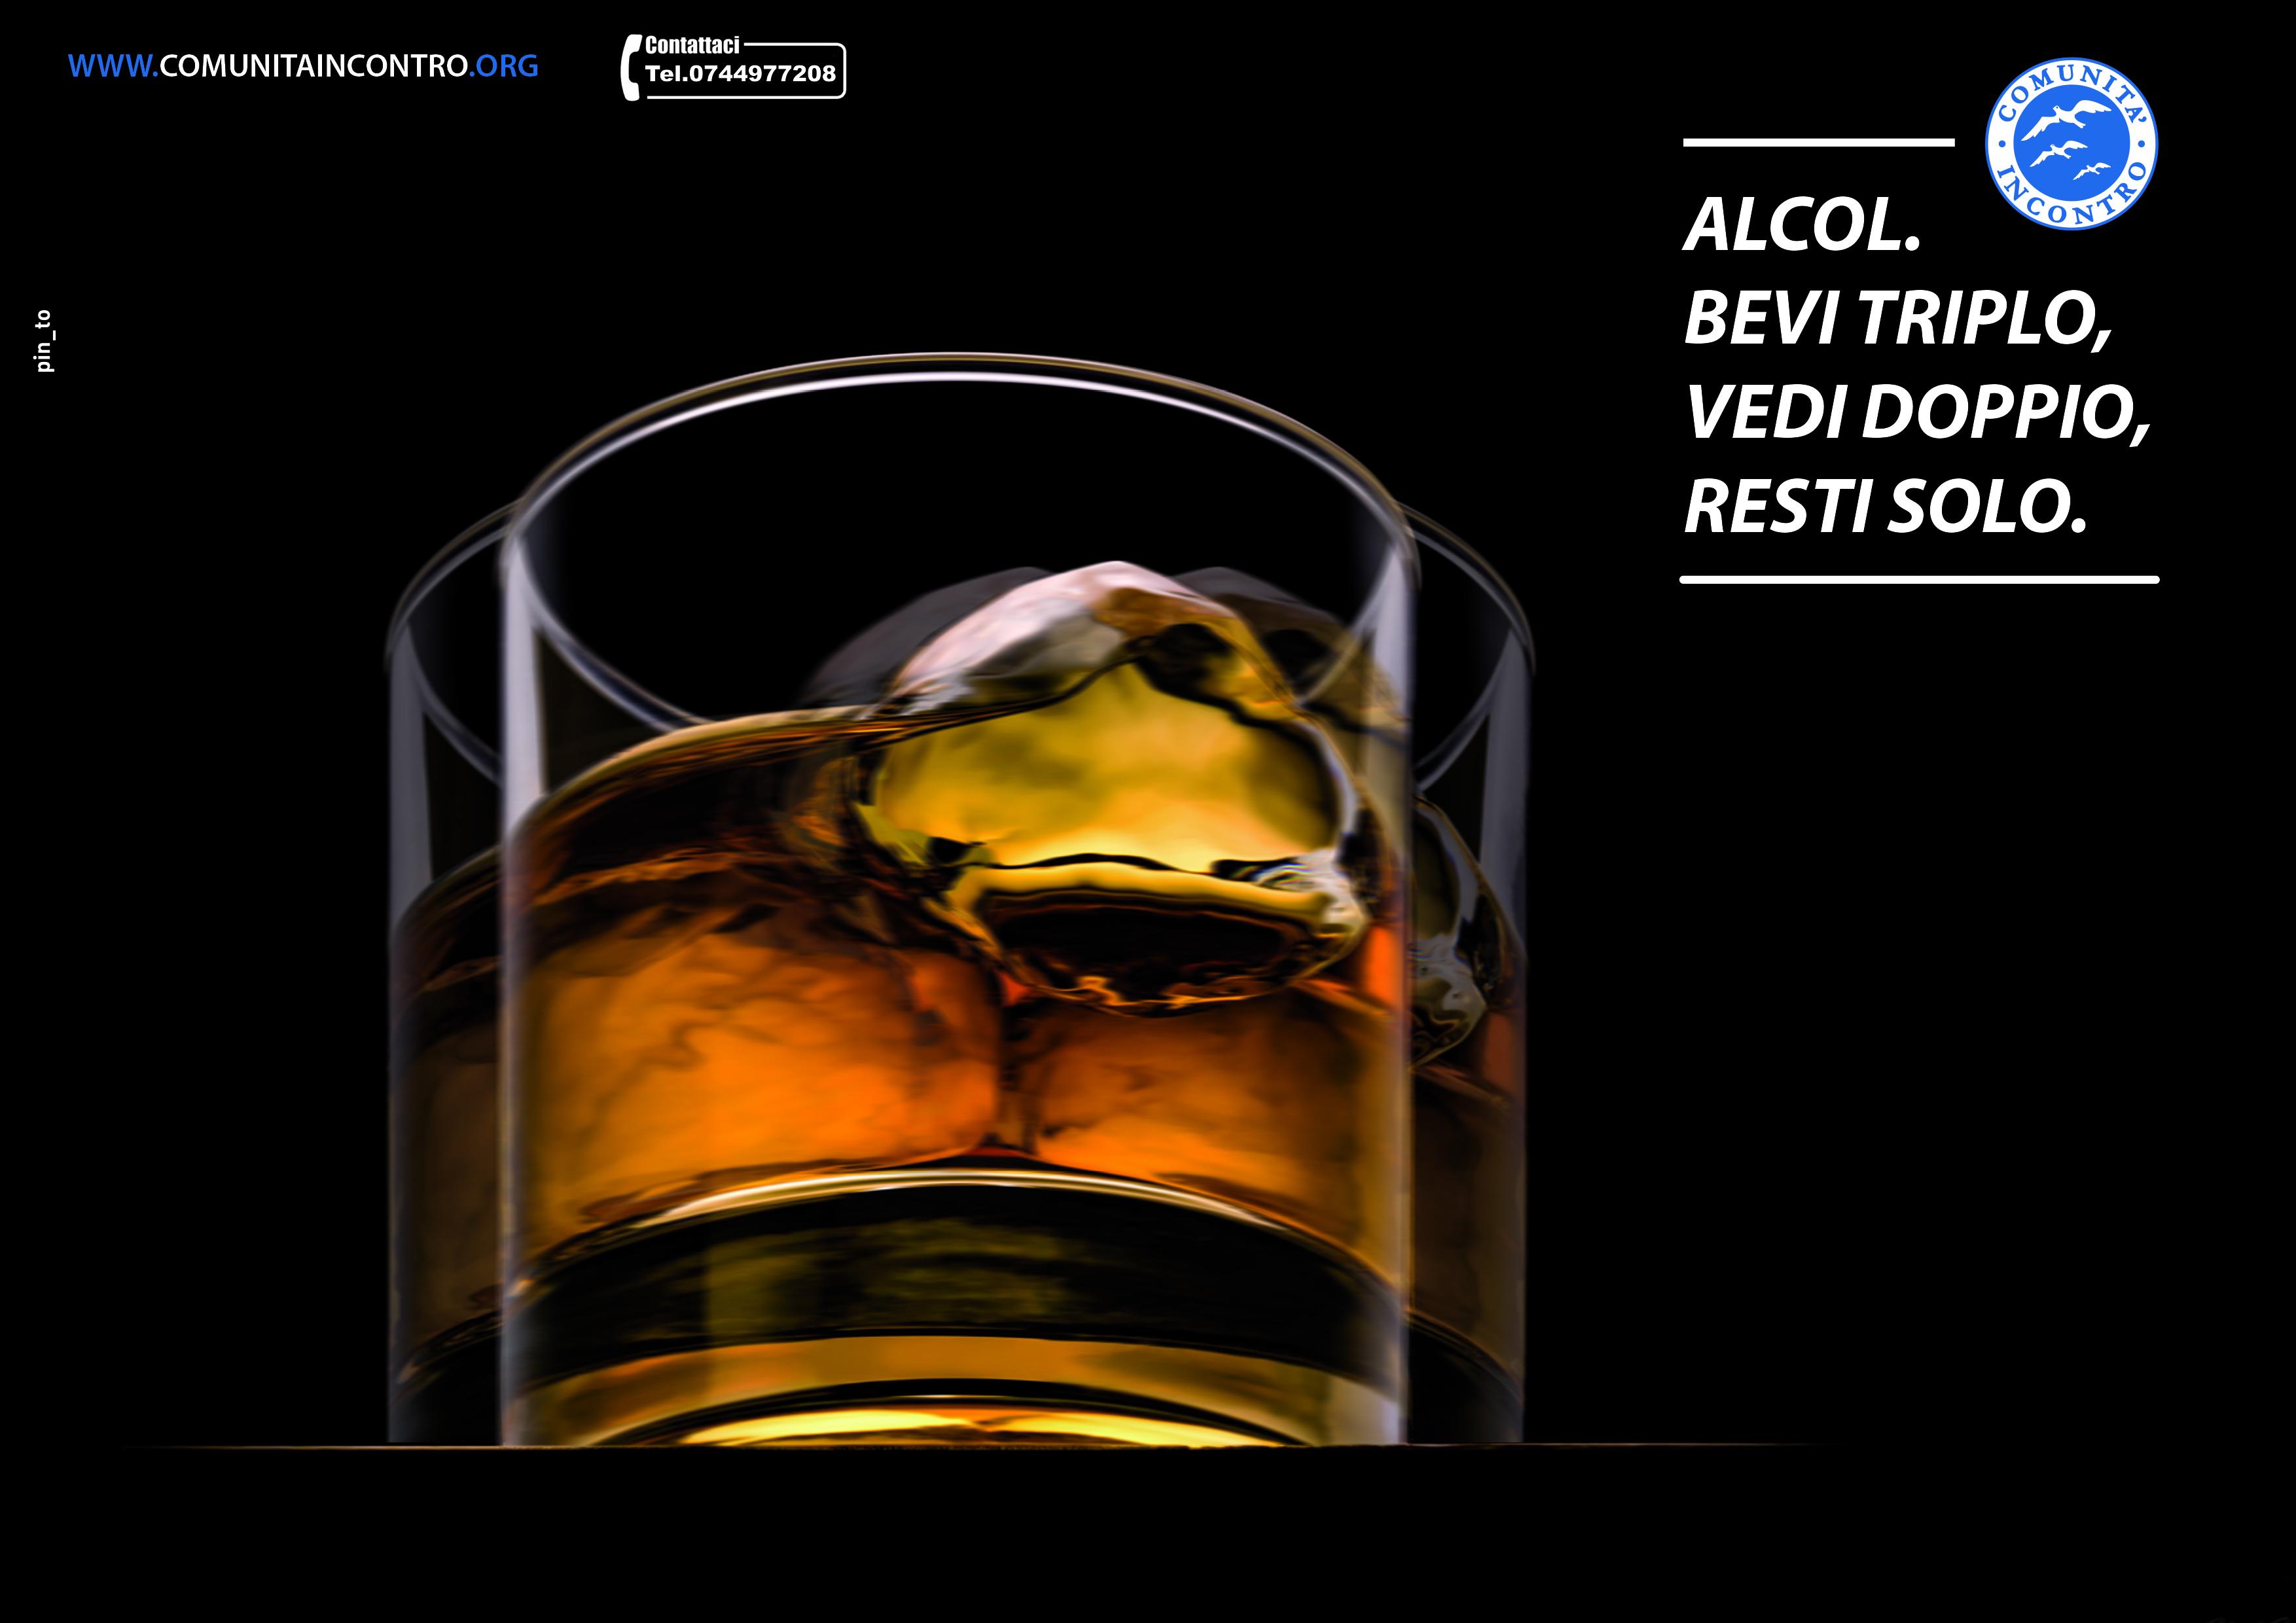 Alcol. Bevi triplo, vedi doppio, resti solo